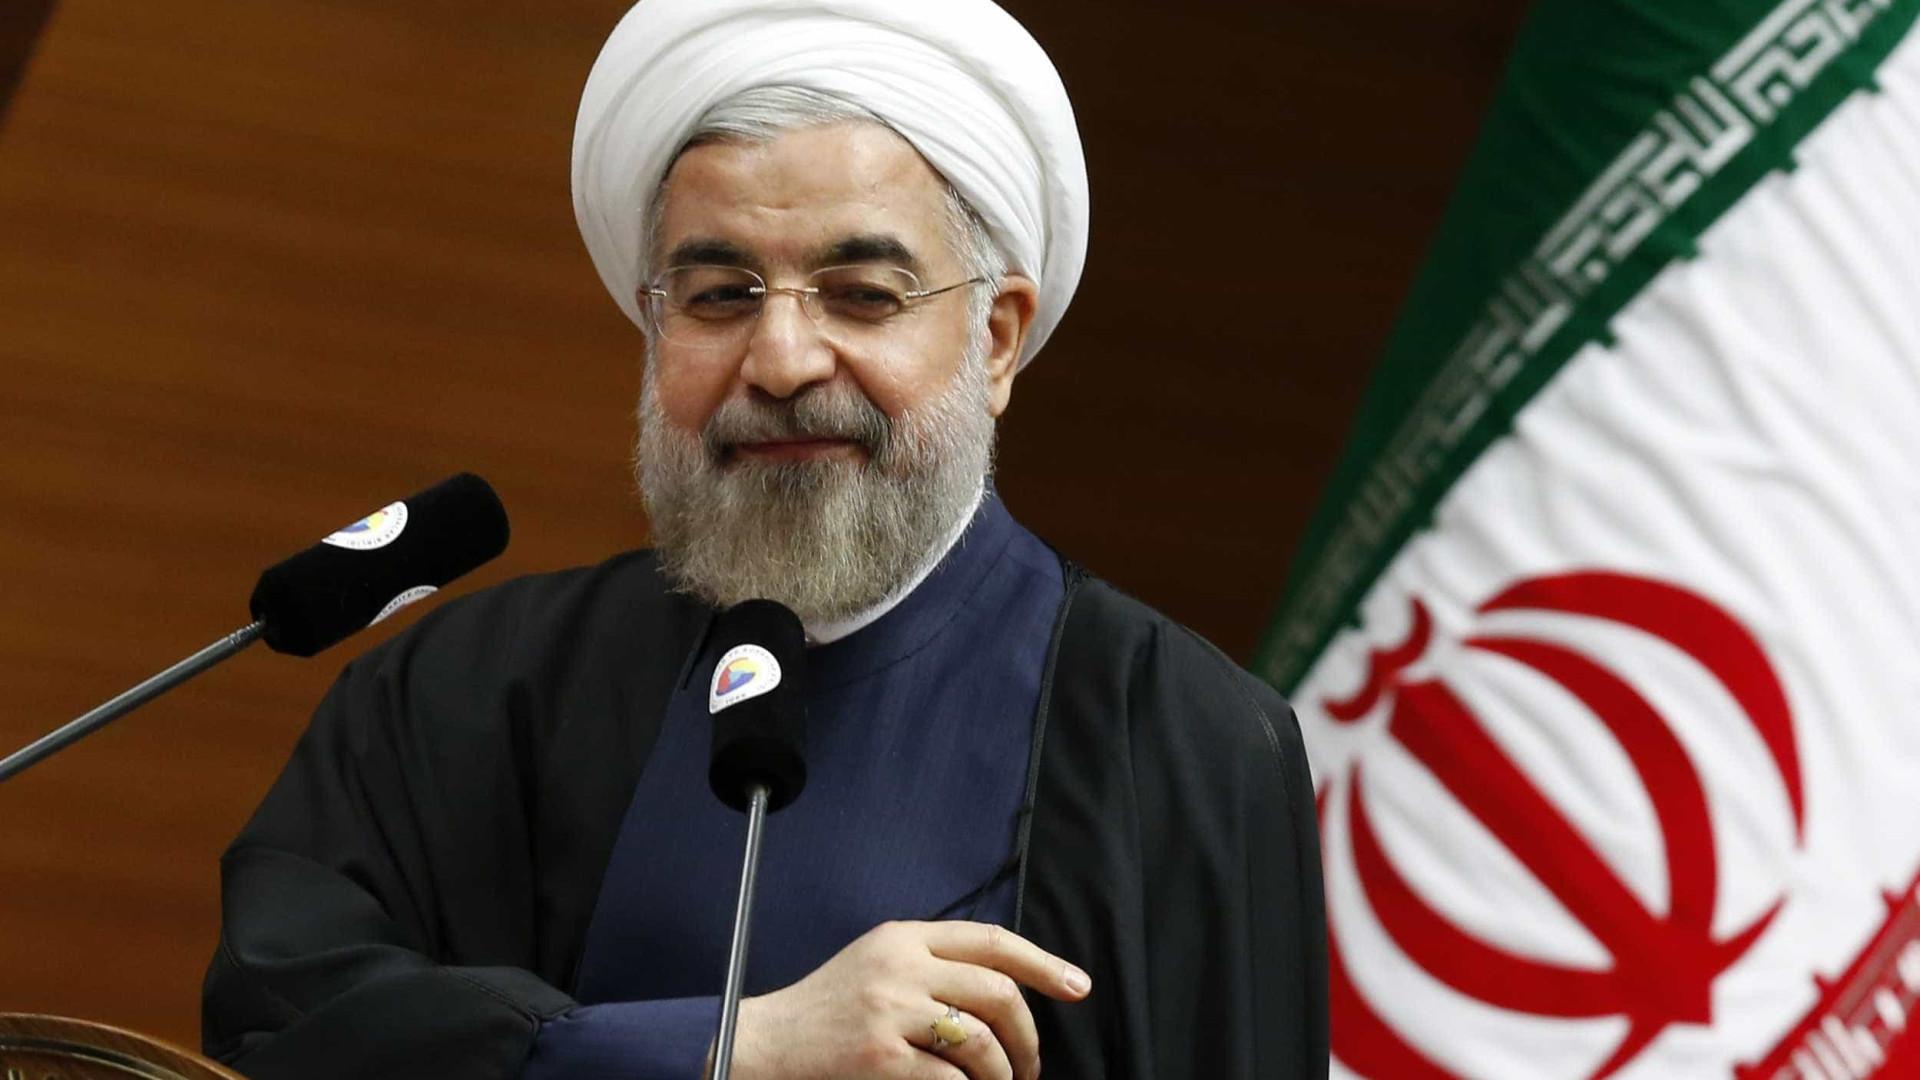 Oficial: Hasan Rohani reeleito presidente do Irão